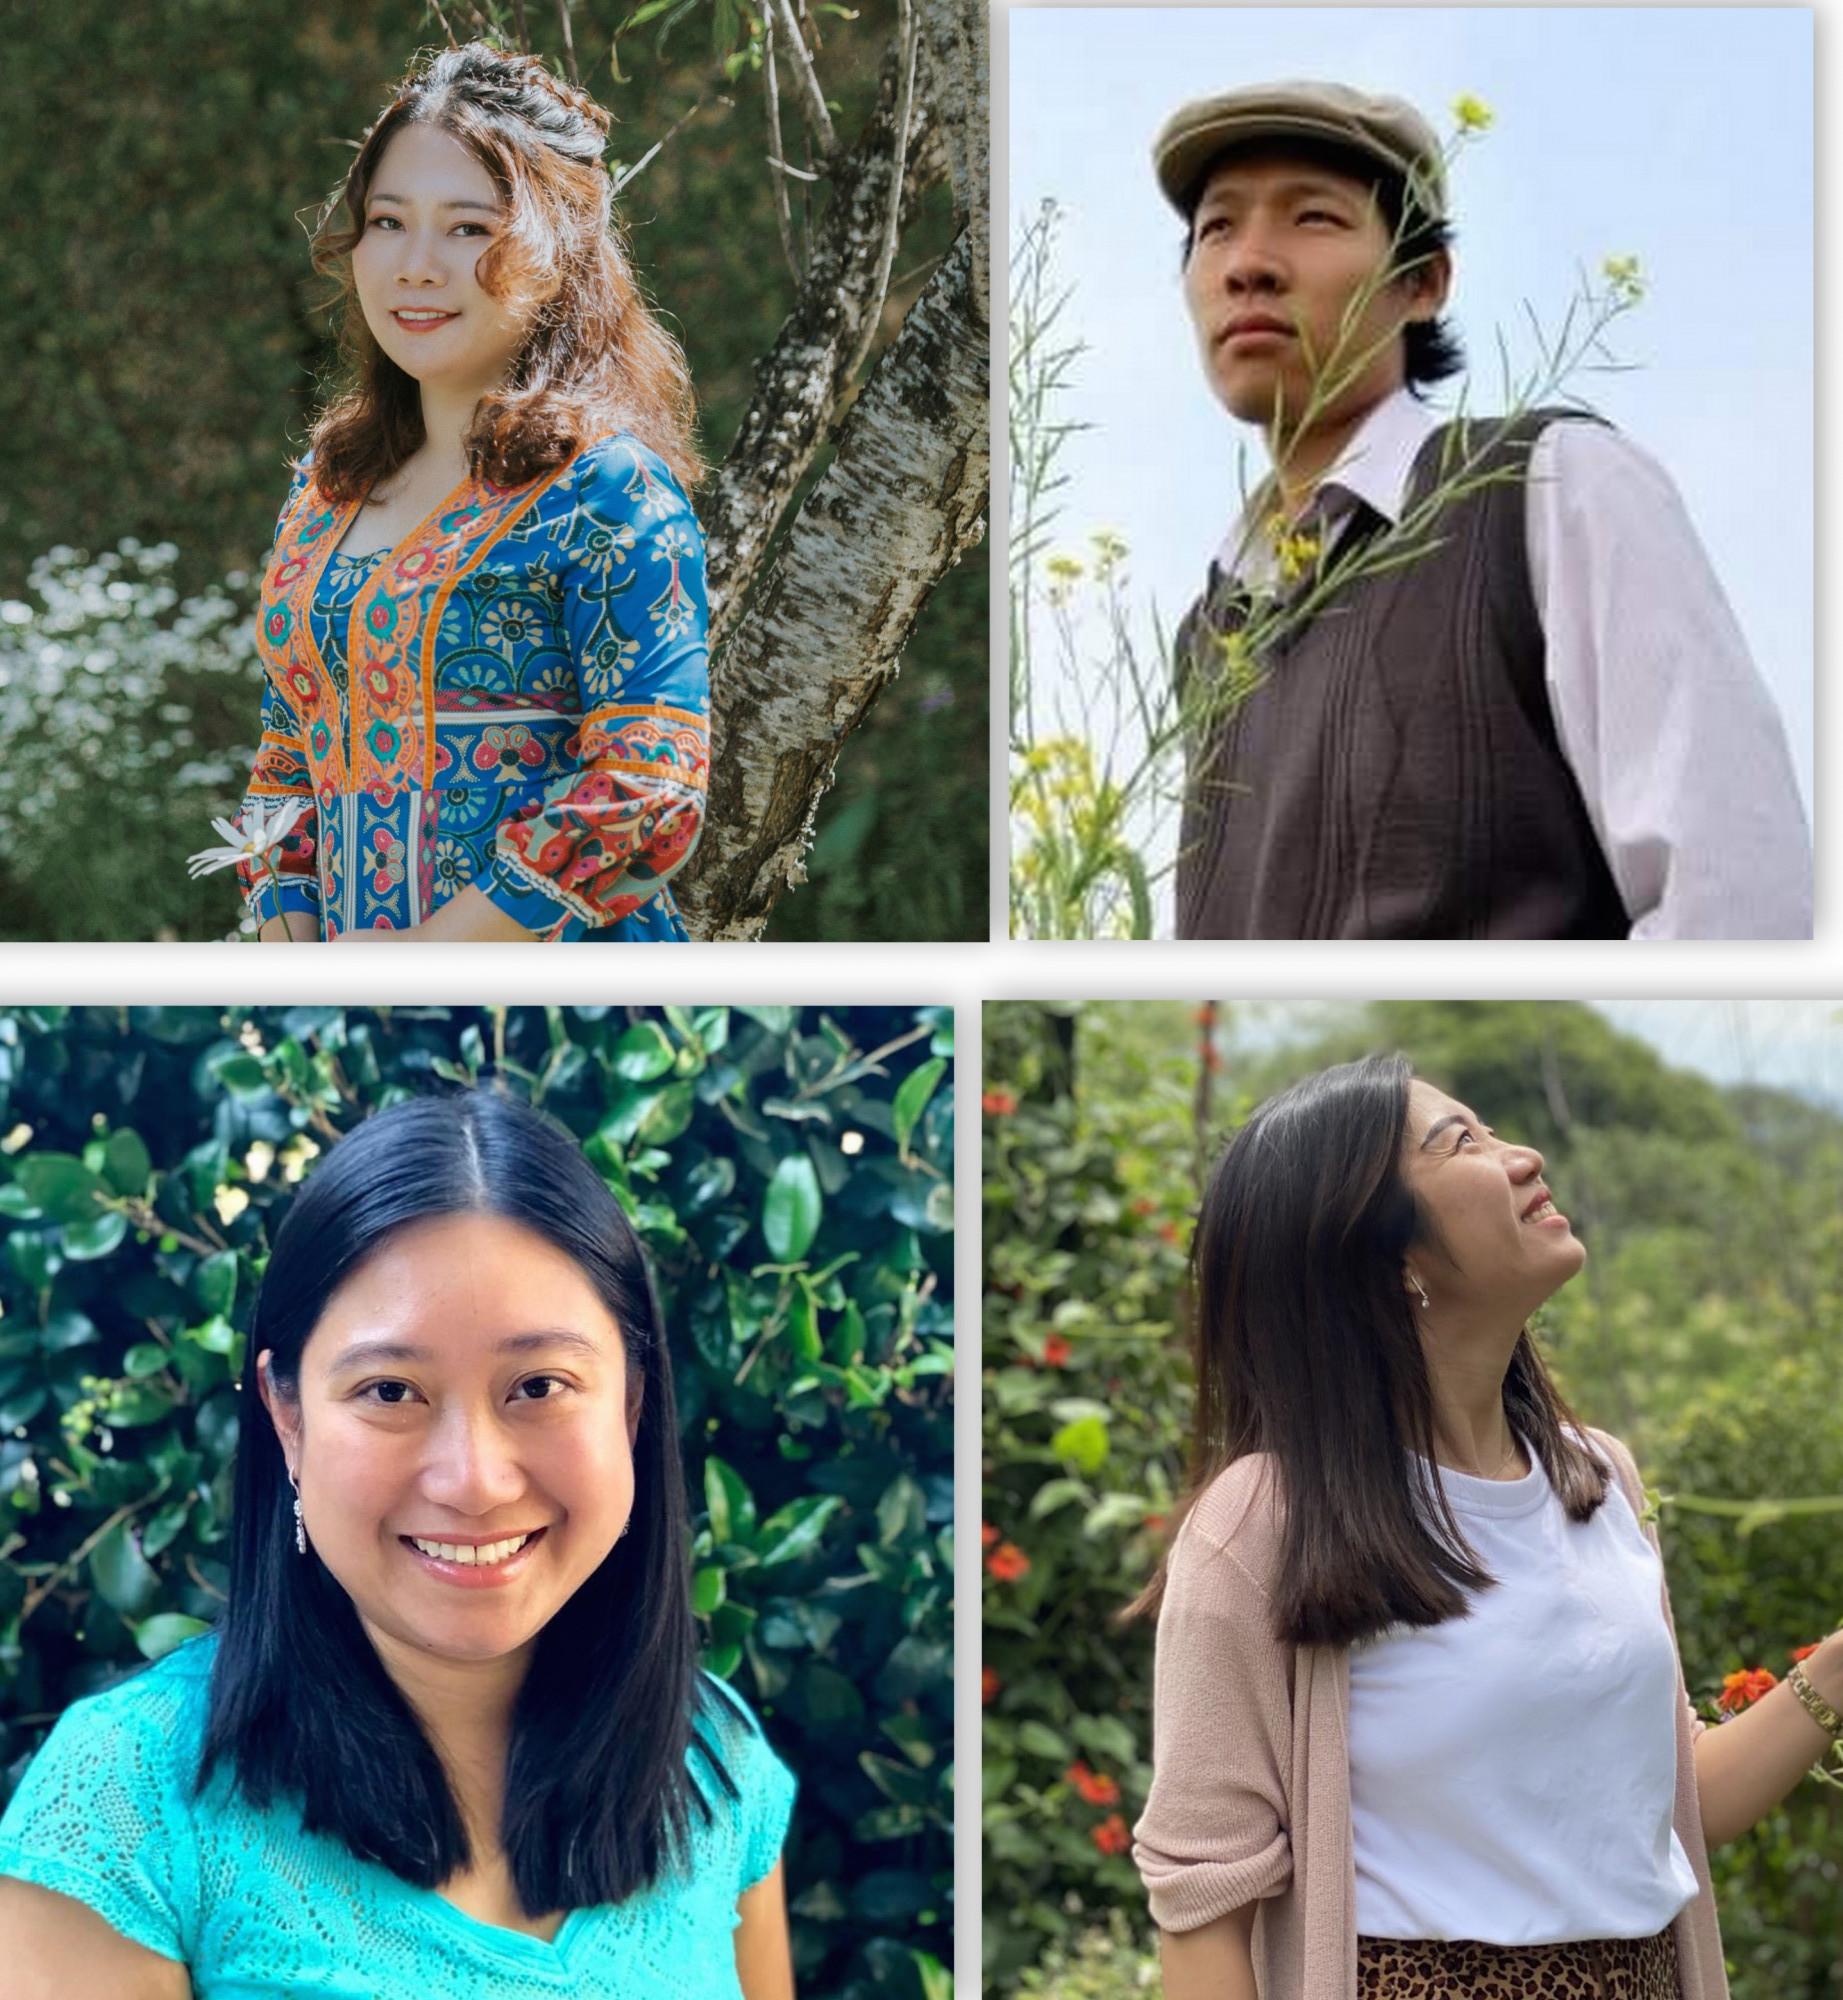 """Những gương mặt """"chủ xị"""" của dự án BSK (từ trái qua phải, trên xuống dưới: Nguyệt Ca, Vũ Chung, Đinh Thu Hồng, Nguyễn Thoại Tú Chi)"""